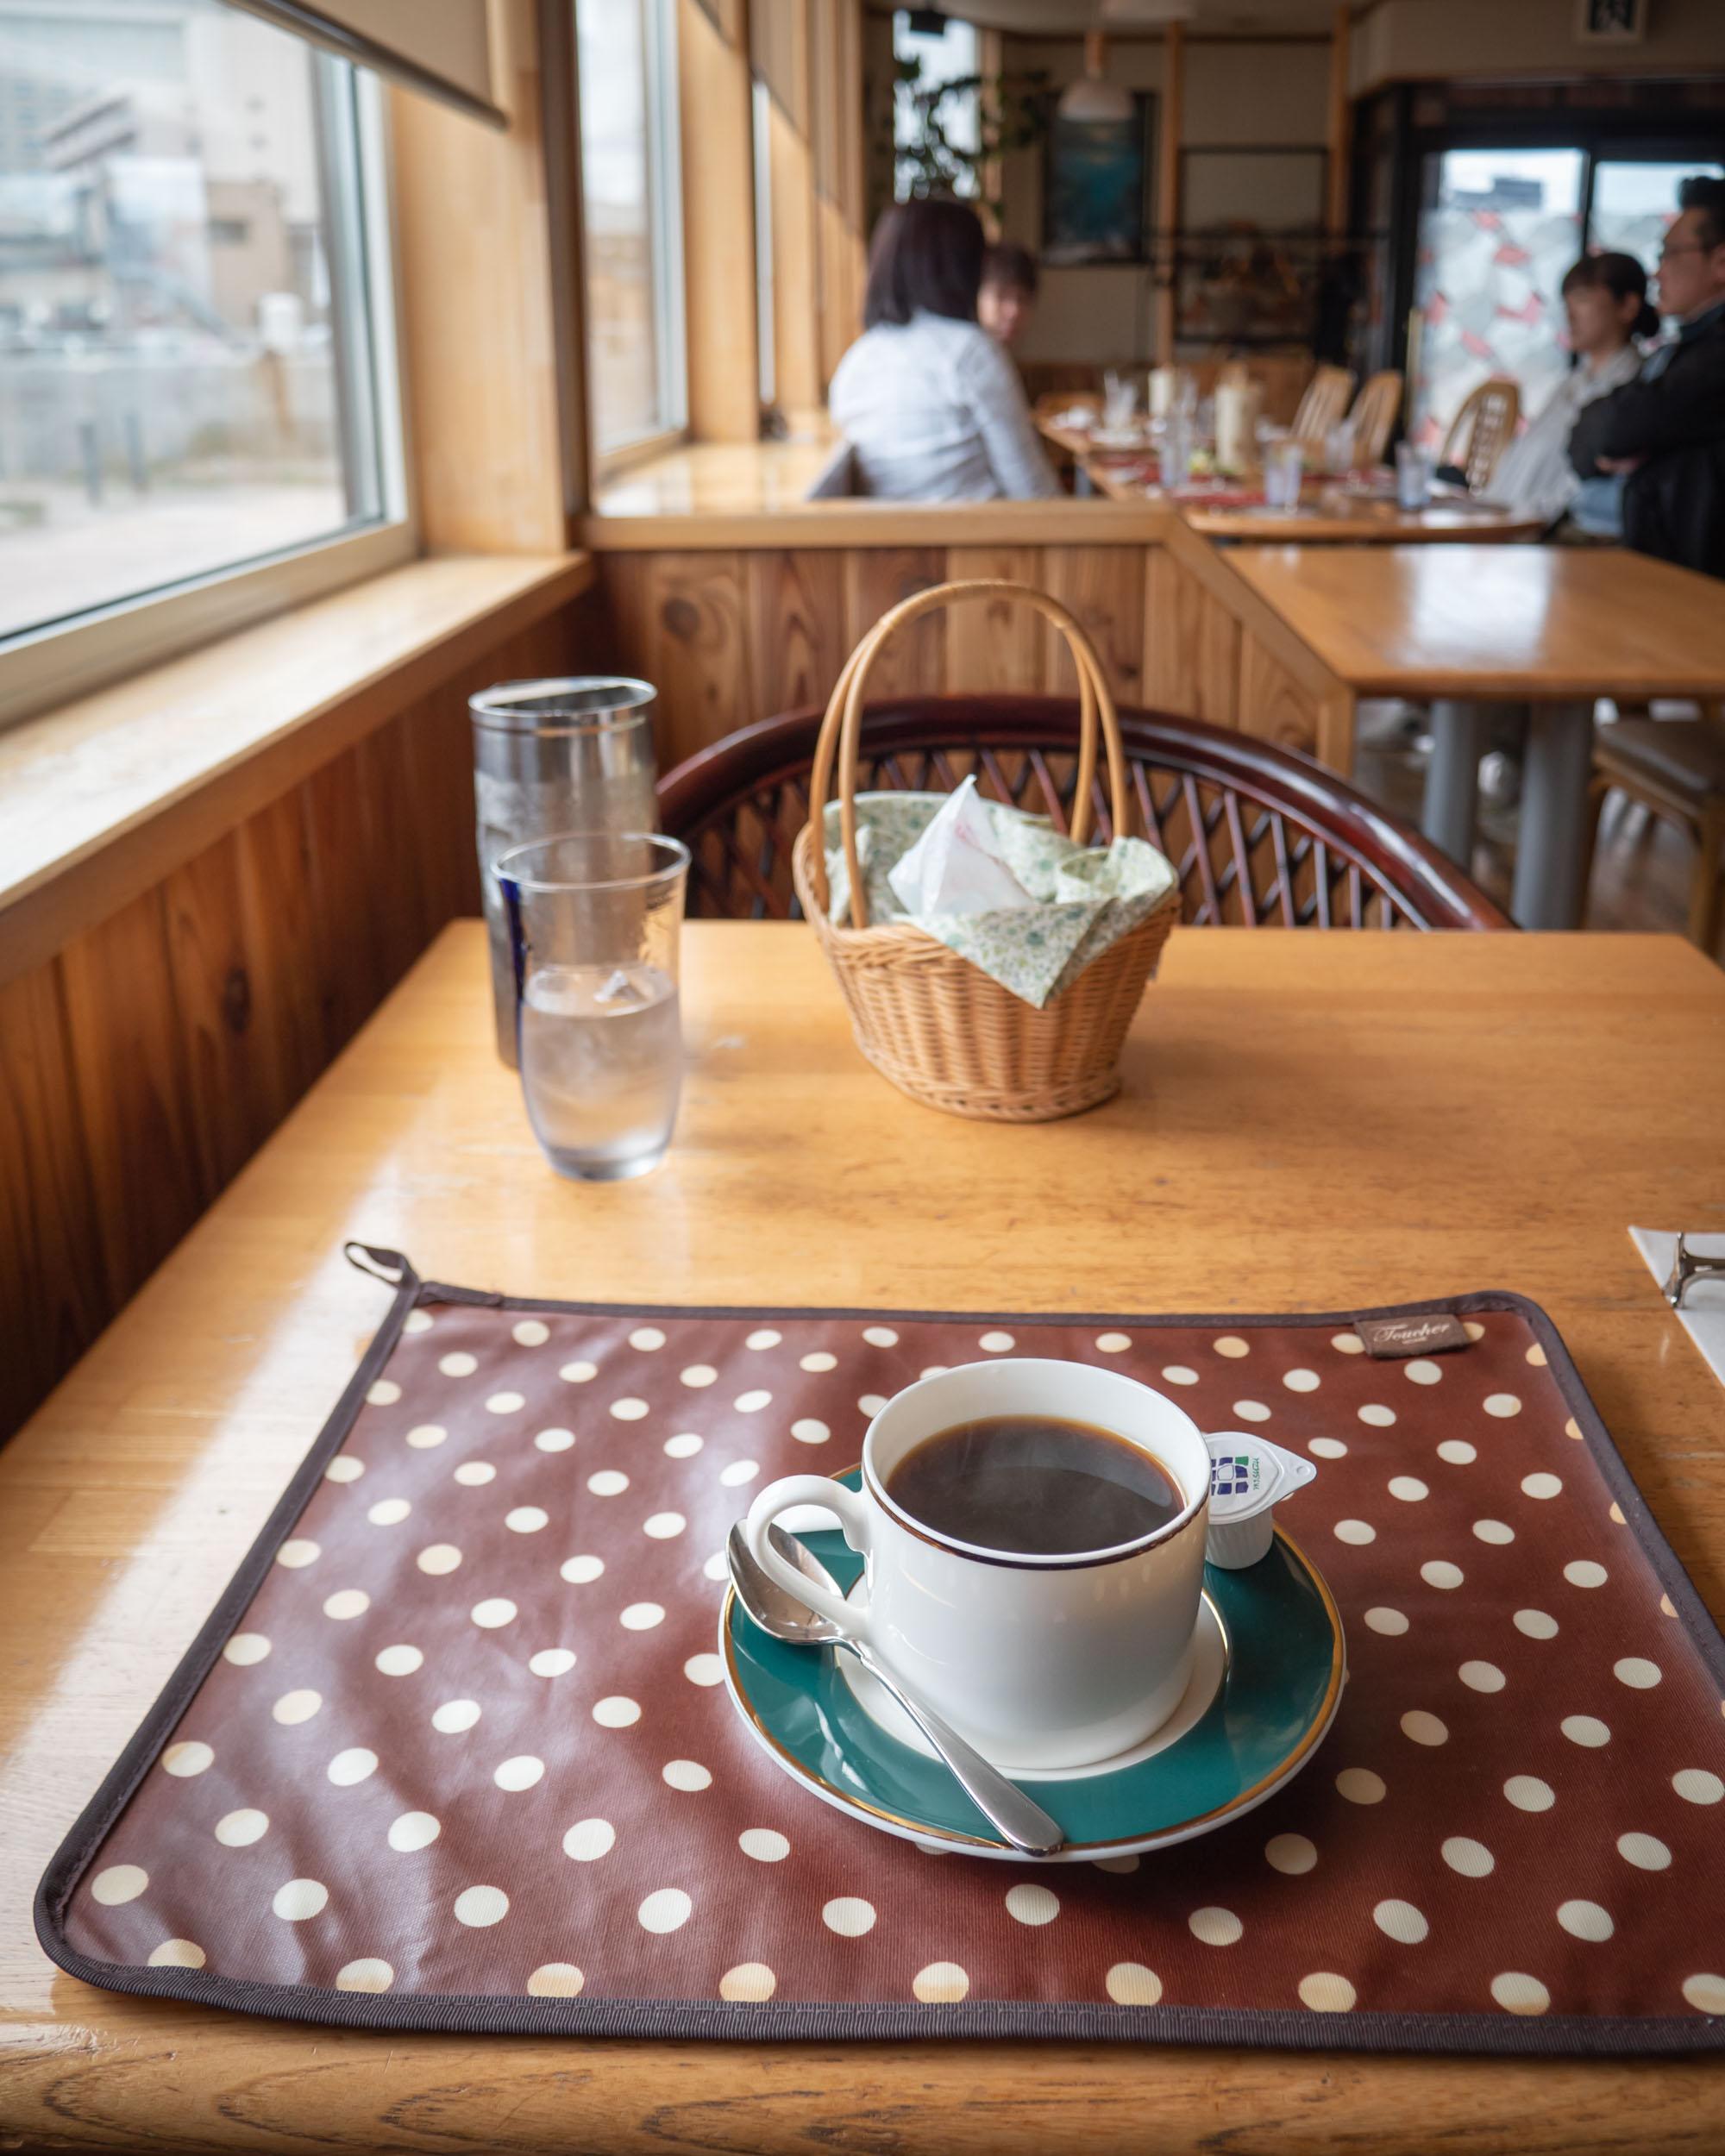 函館市湯の川の洋食店「エル・アペティ」 食後のコーヒー DMC-GX8 + LEICA DG 12-60mm